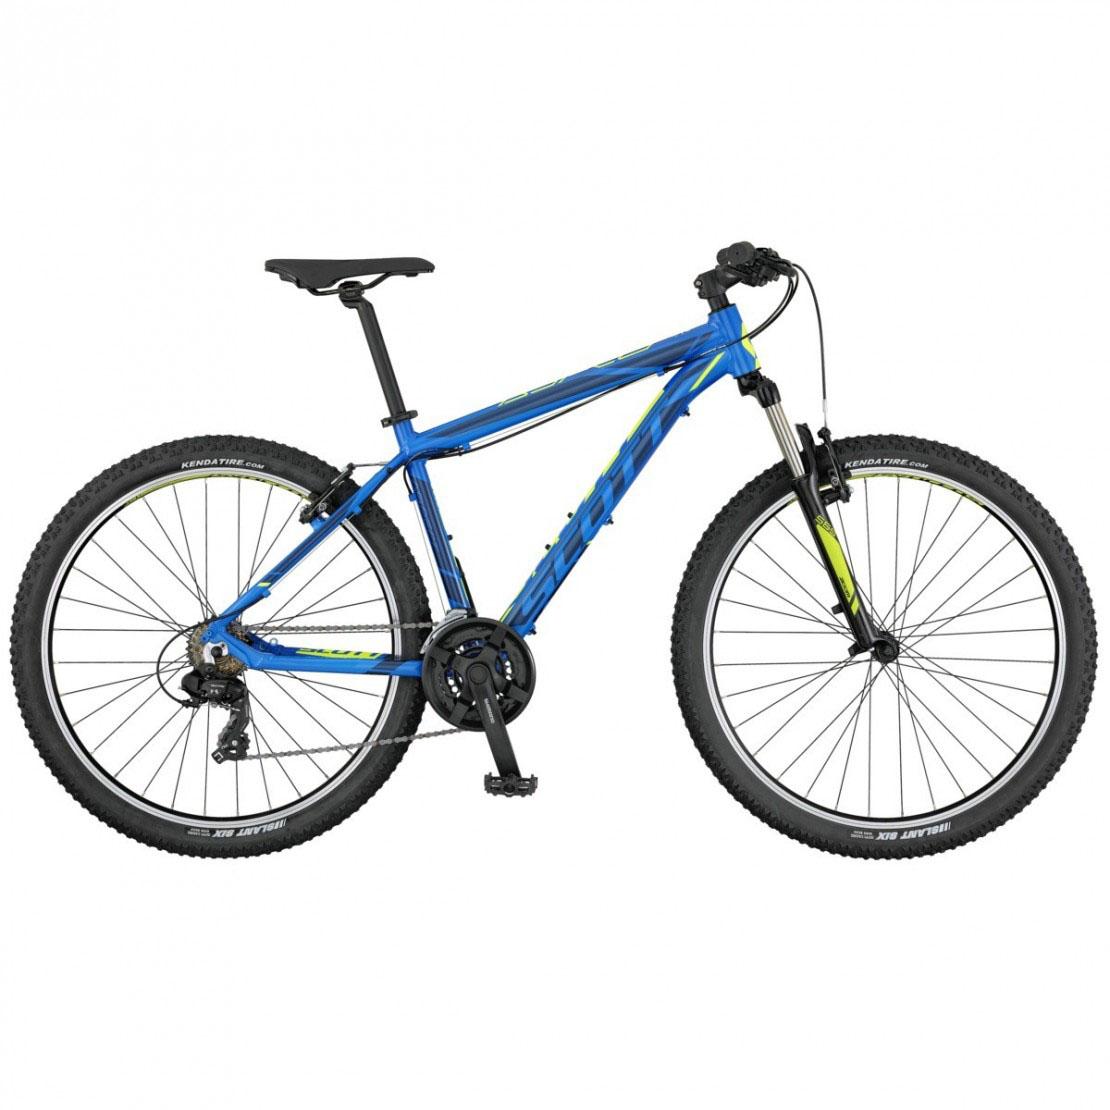 Scott Aspect 980 2017 29er Mountain bike